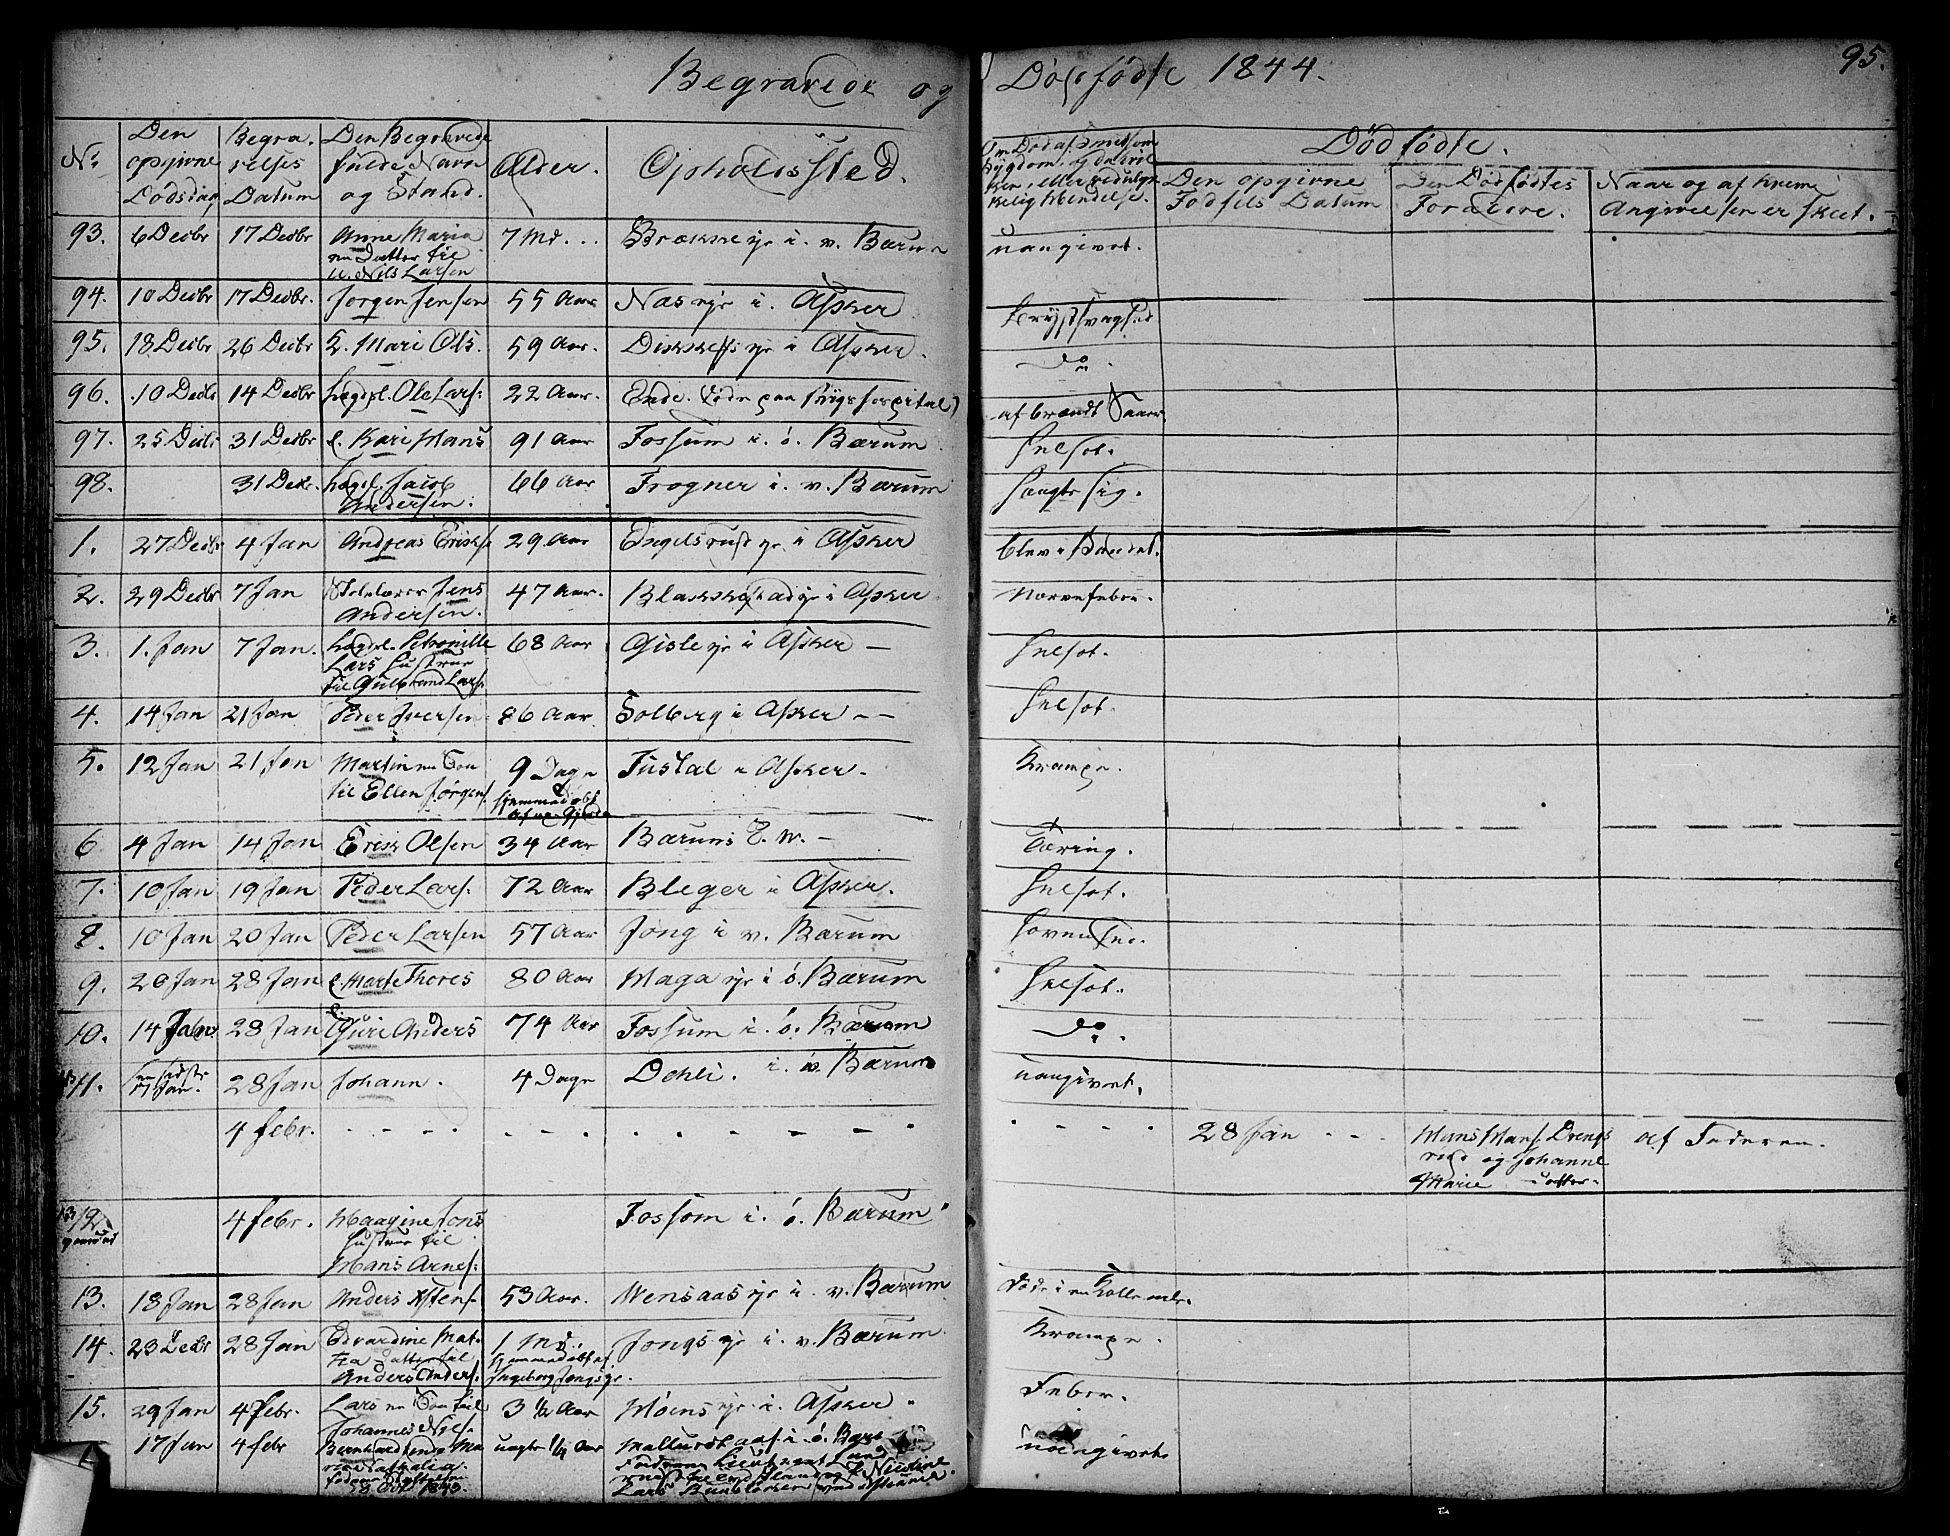 SAO, Asker prestekontor Kirkebøker, F/Fa/L0011: Ministerialbok nr. I 11, 1825-1878, s. 95